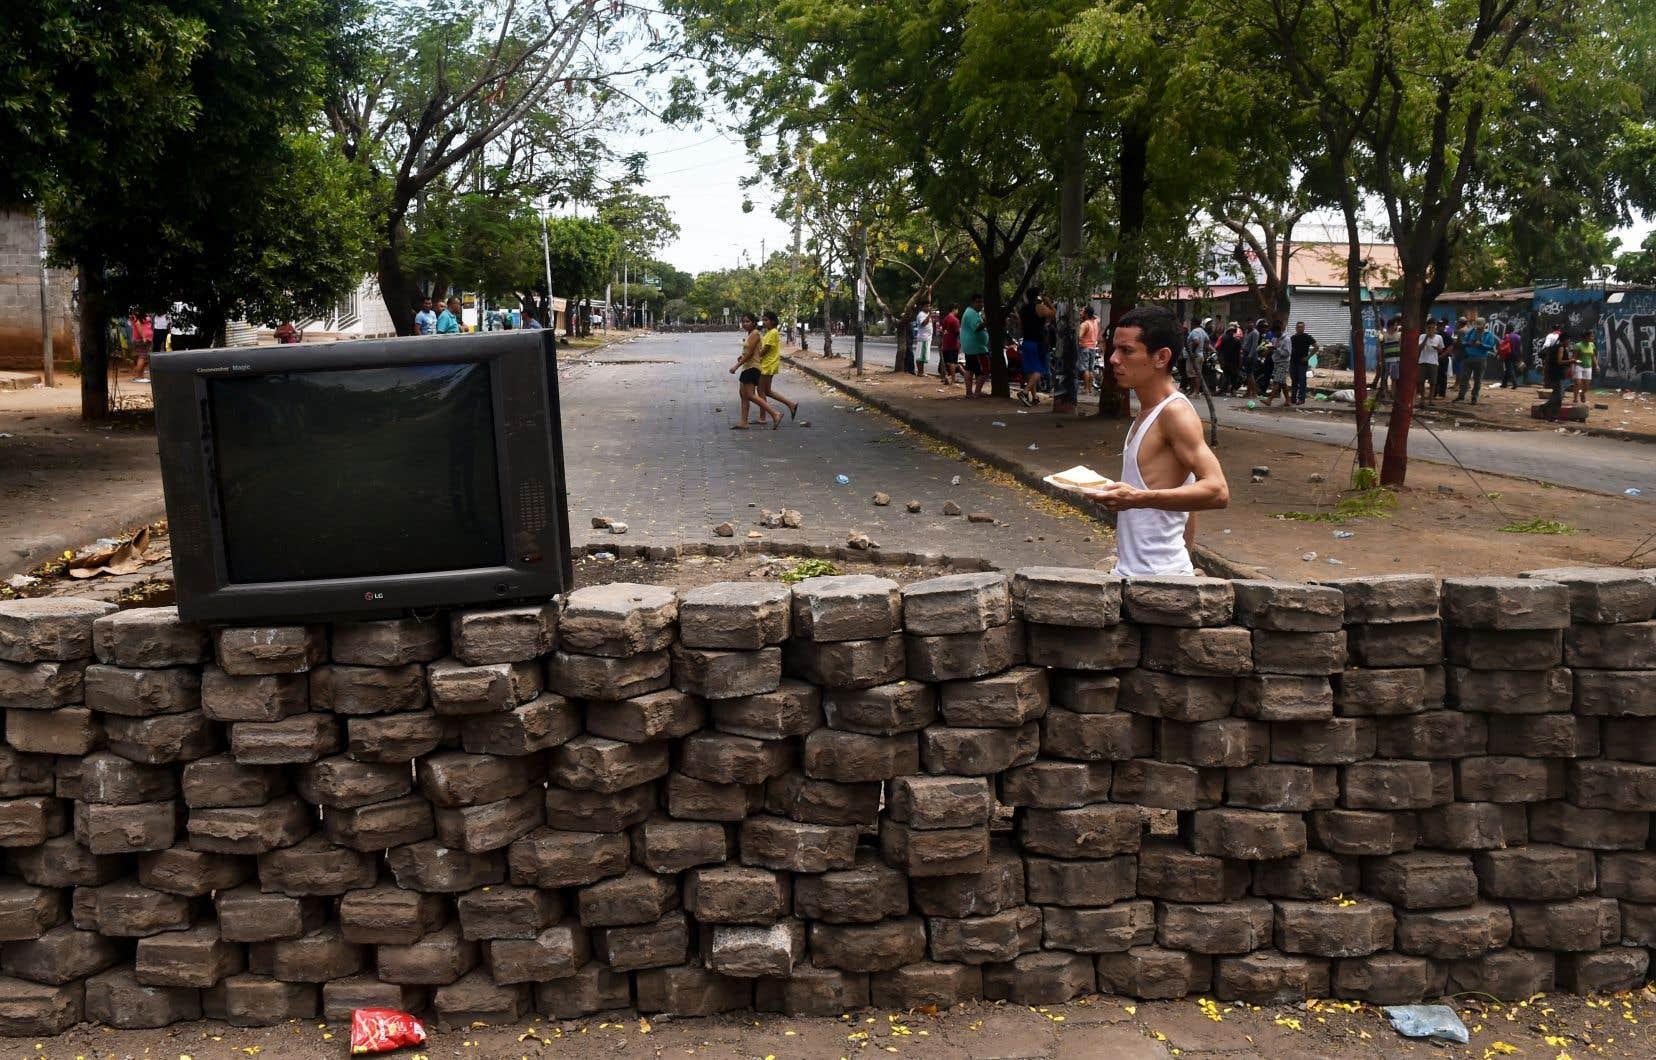 Les rues de Managua étaient jonchées de débris dimanche, selon des journalistes de l'AFP sur place.